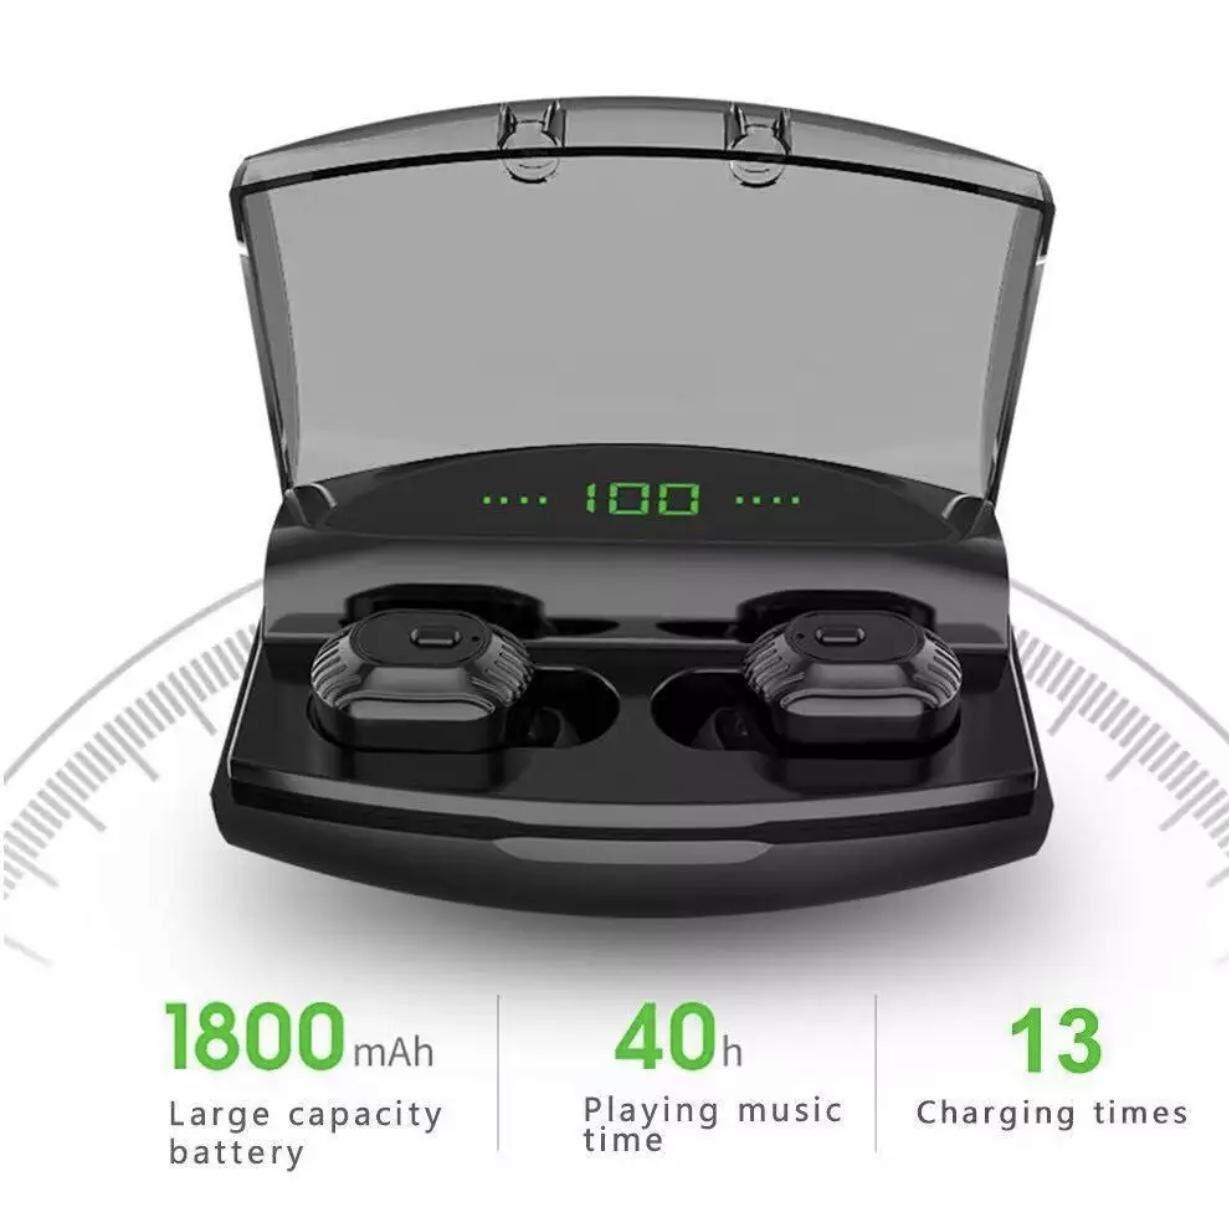 [พร้อมส่ง] ใหม่ 2019!! หูฟังบลูทูธไร้สาย Tws รุ่น Xg21 เป็น Powerbank 1800mah ในตัว หูฟังบลูทูธ หูฟังเล่นเกมมือถือ หูฟังออกกำลังกาย เบสดี กันน้ำ Ipx5 หูฟังอินเอียร์ หูฟังสเตอริโอ หูฟัง Earphone Earbuds True Wireless Bluetooth 5.0.